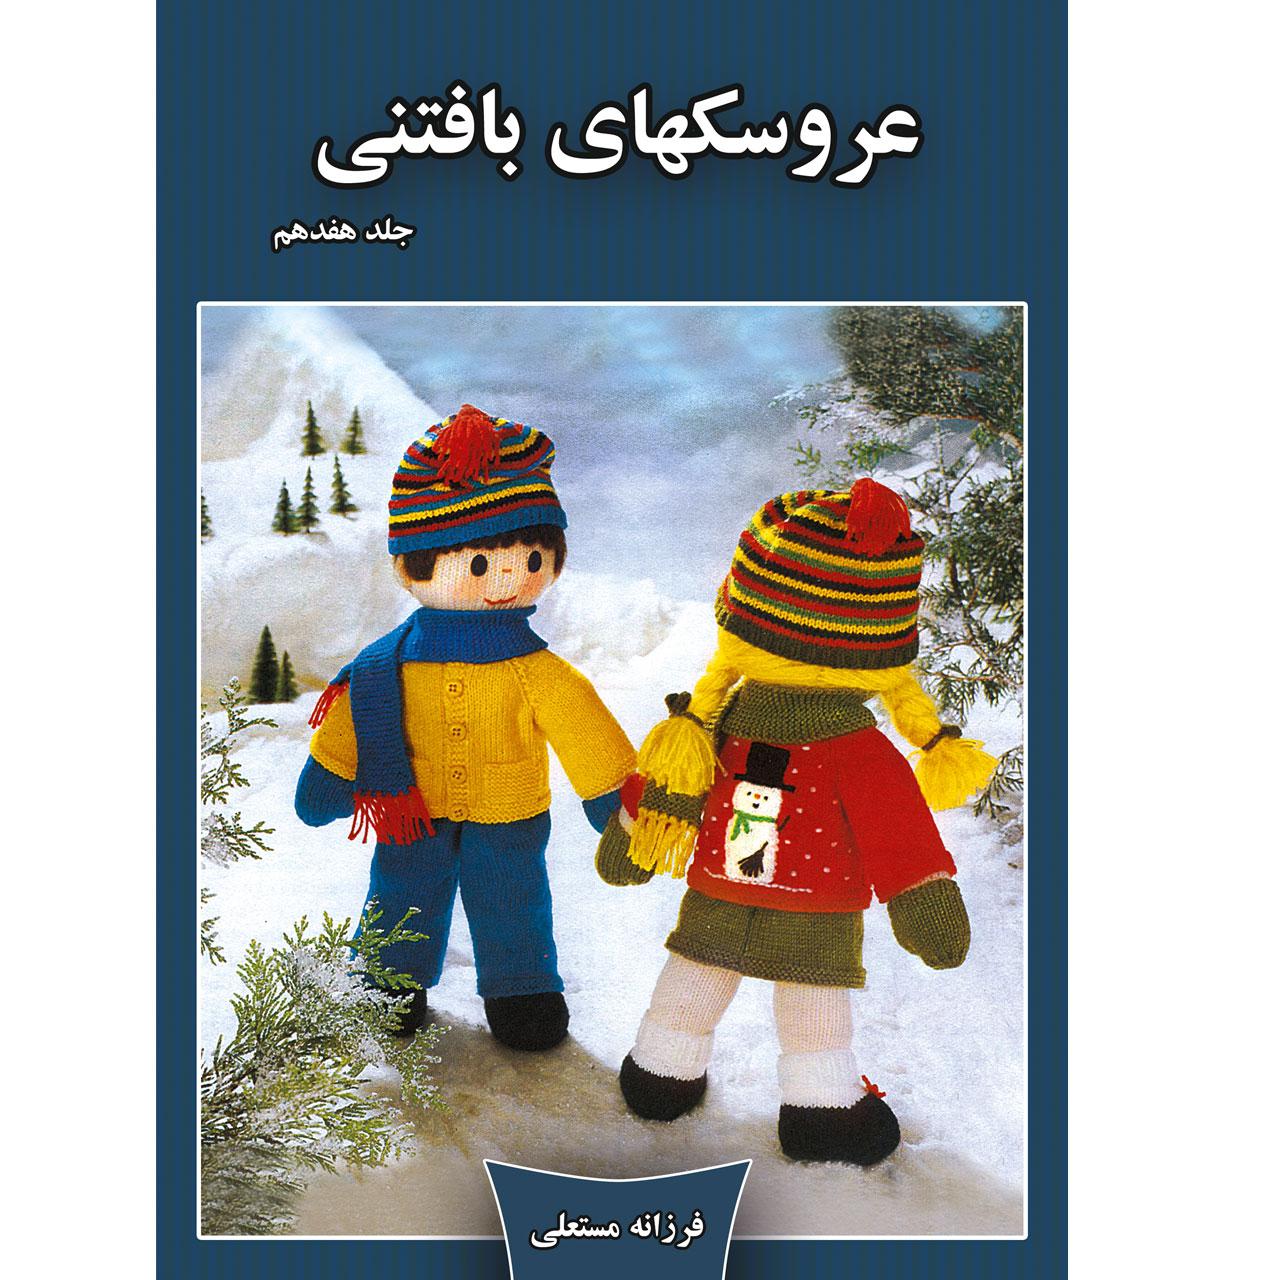 خرید                      کتاب عروسکهای بافتنی اثر فرزانه مستعلی نشر مهر پاینده جلد 17